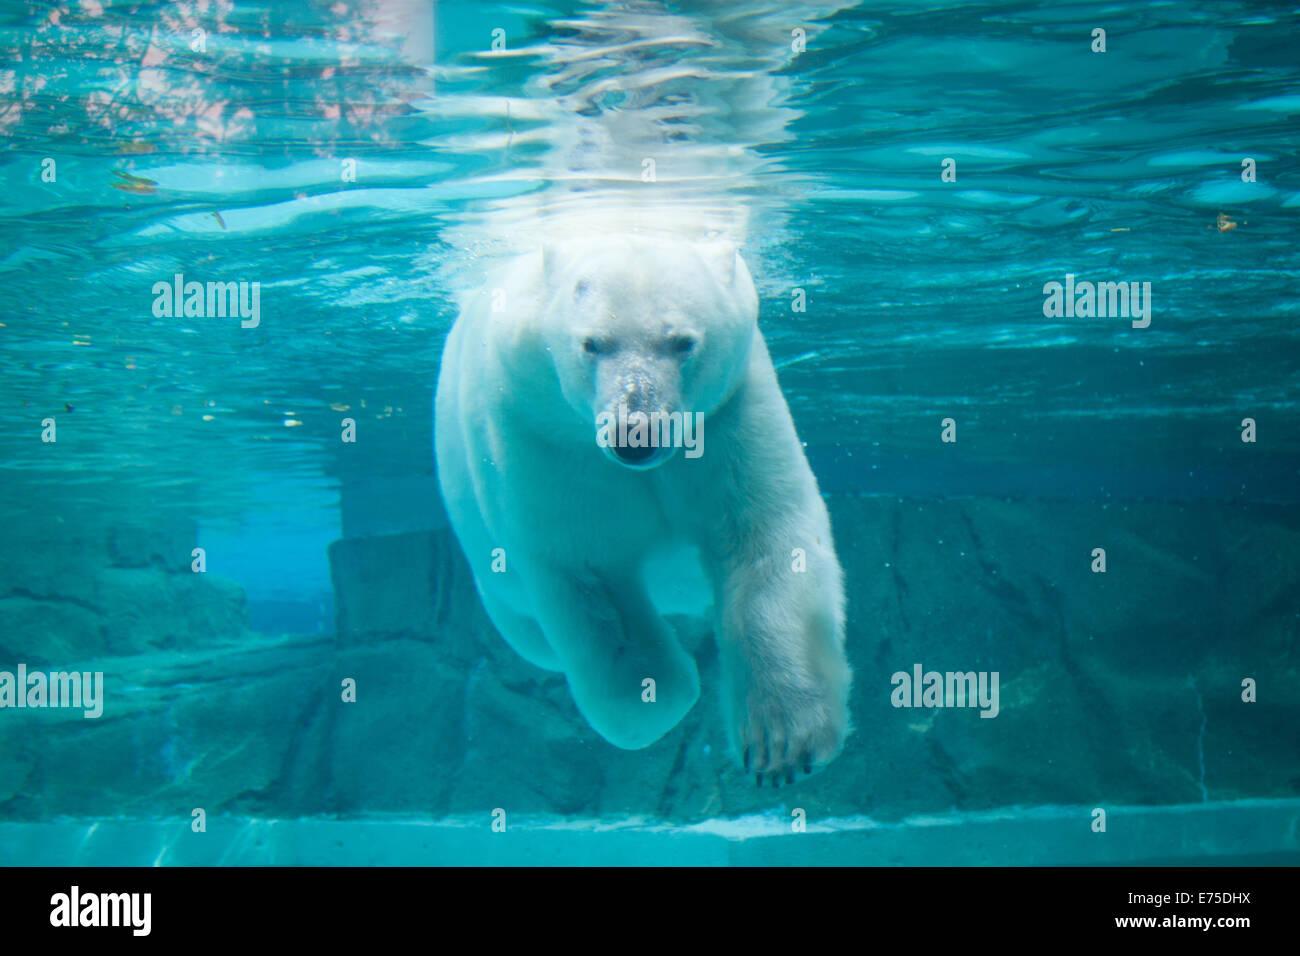 Anana, il resident femmina orso polare del Lincoln Park Zoo di Chicago, nuota sott'acqua in un caldo giorno Immagini Stock